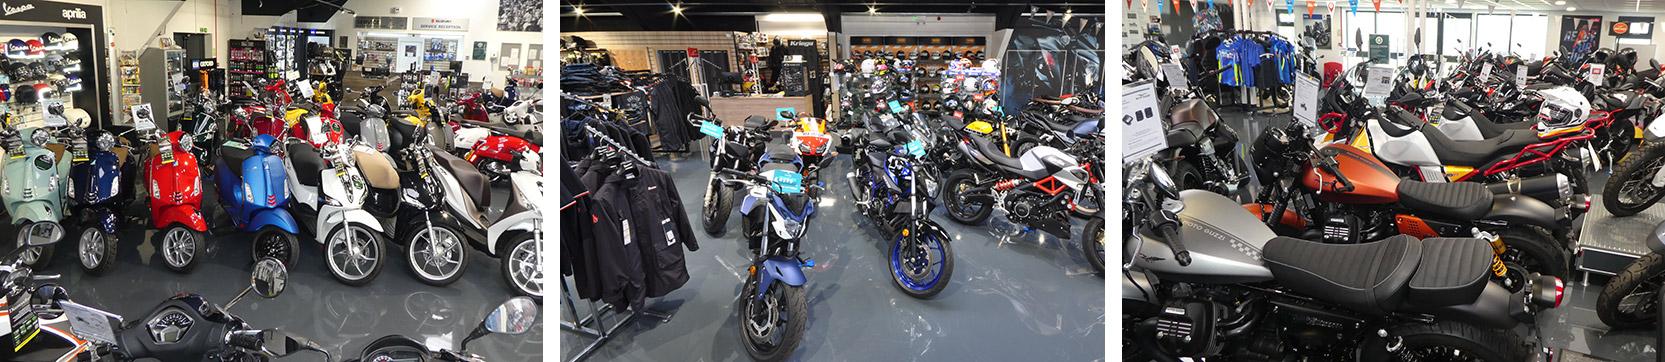 Dearden Motorcycles Showroom #1